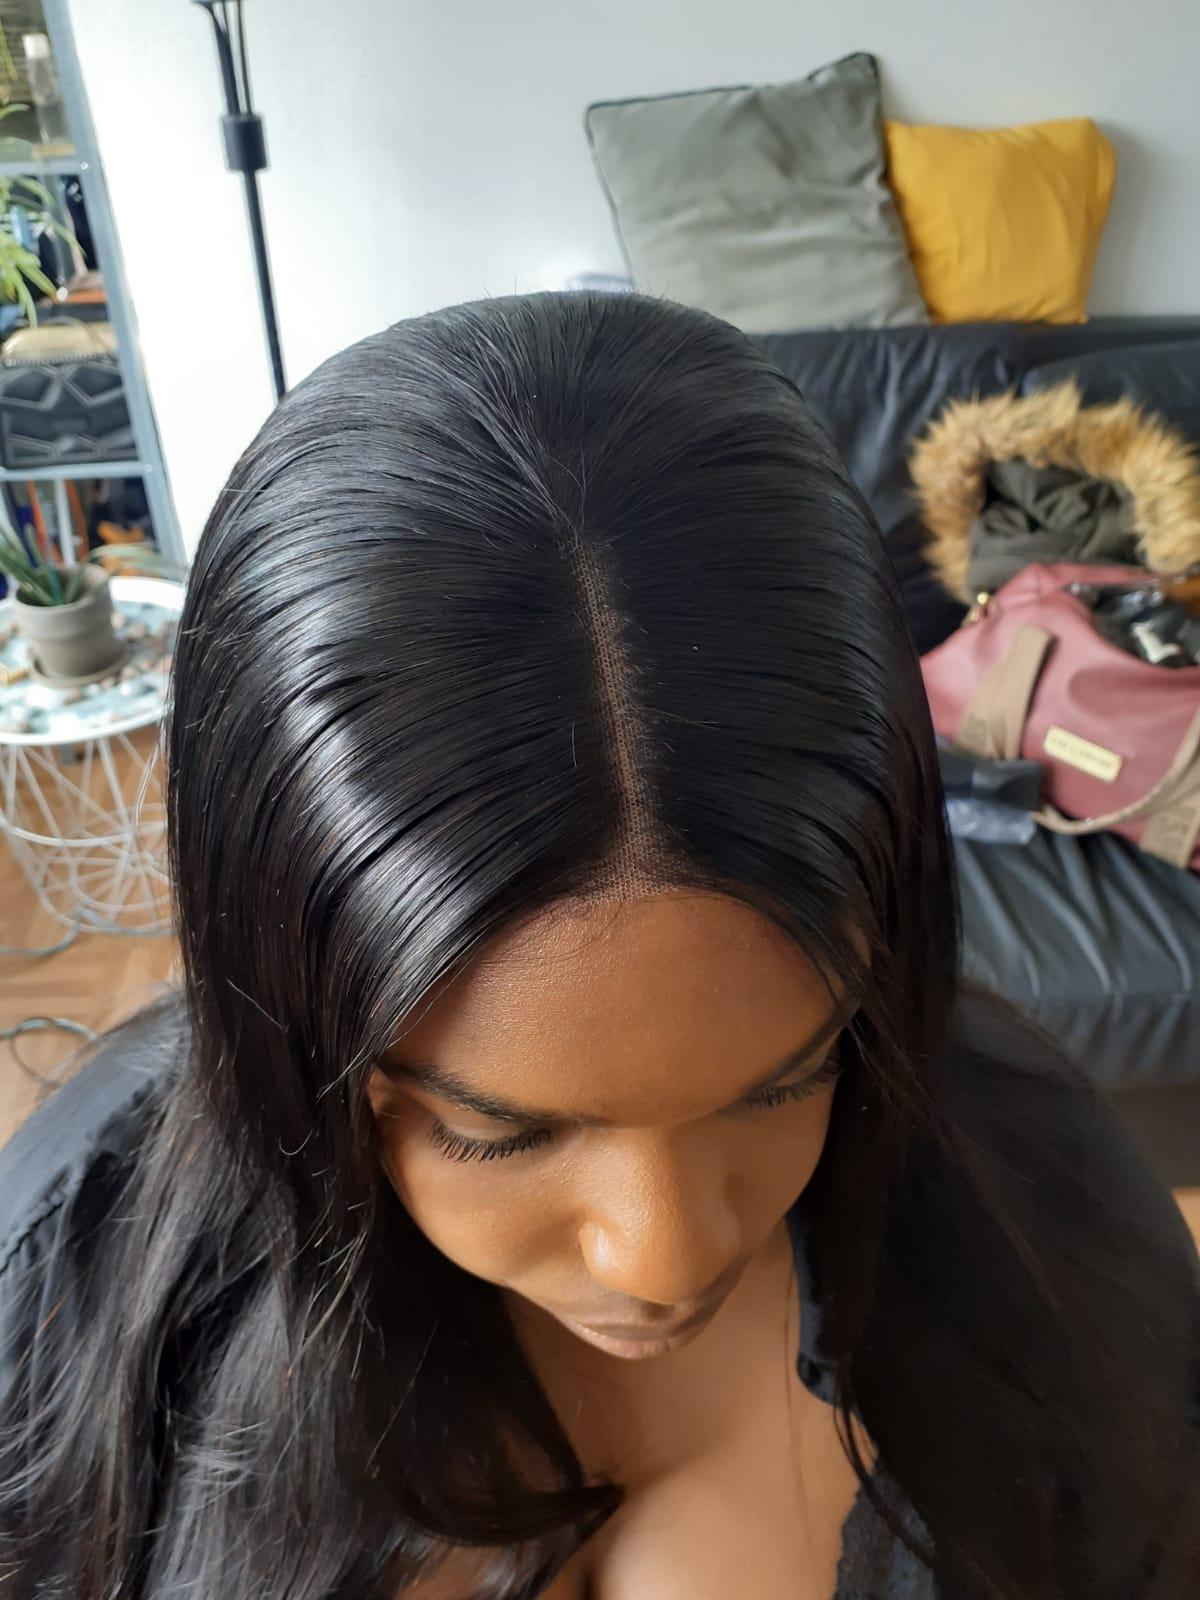 salon de coiffure afro tresse tresses box braids crochet braids vanilles tissages paris 75 77 78 91 92 93 94 95 FXWVWPLX